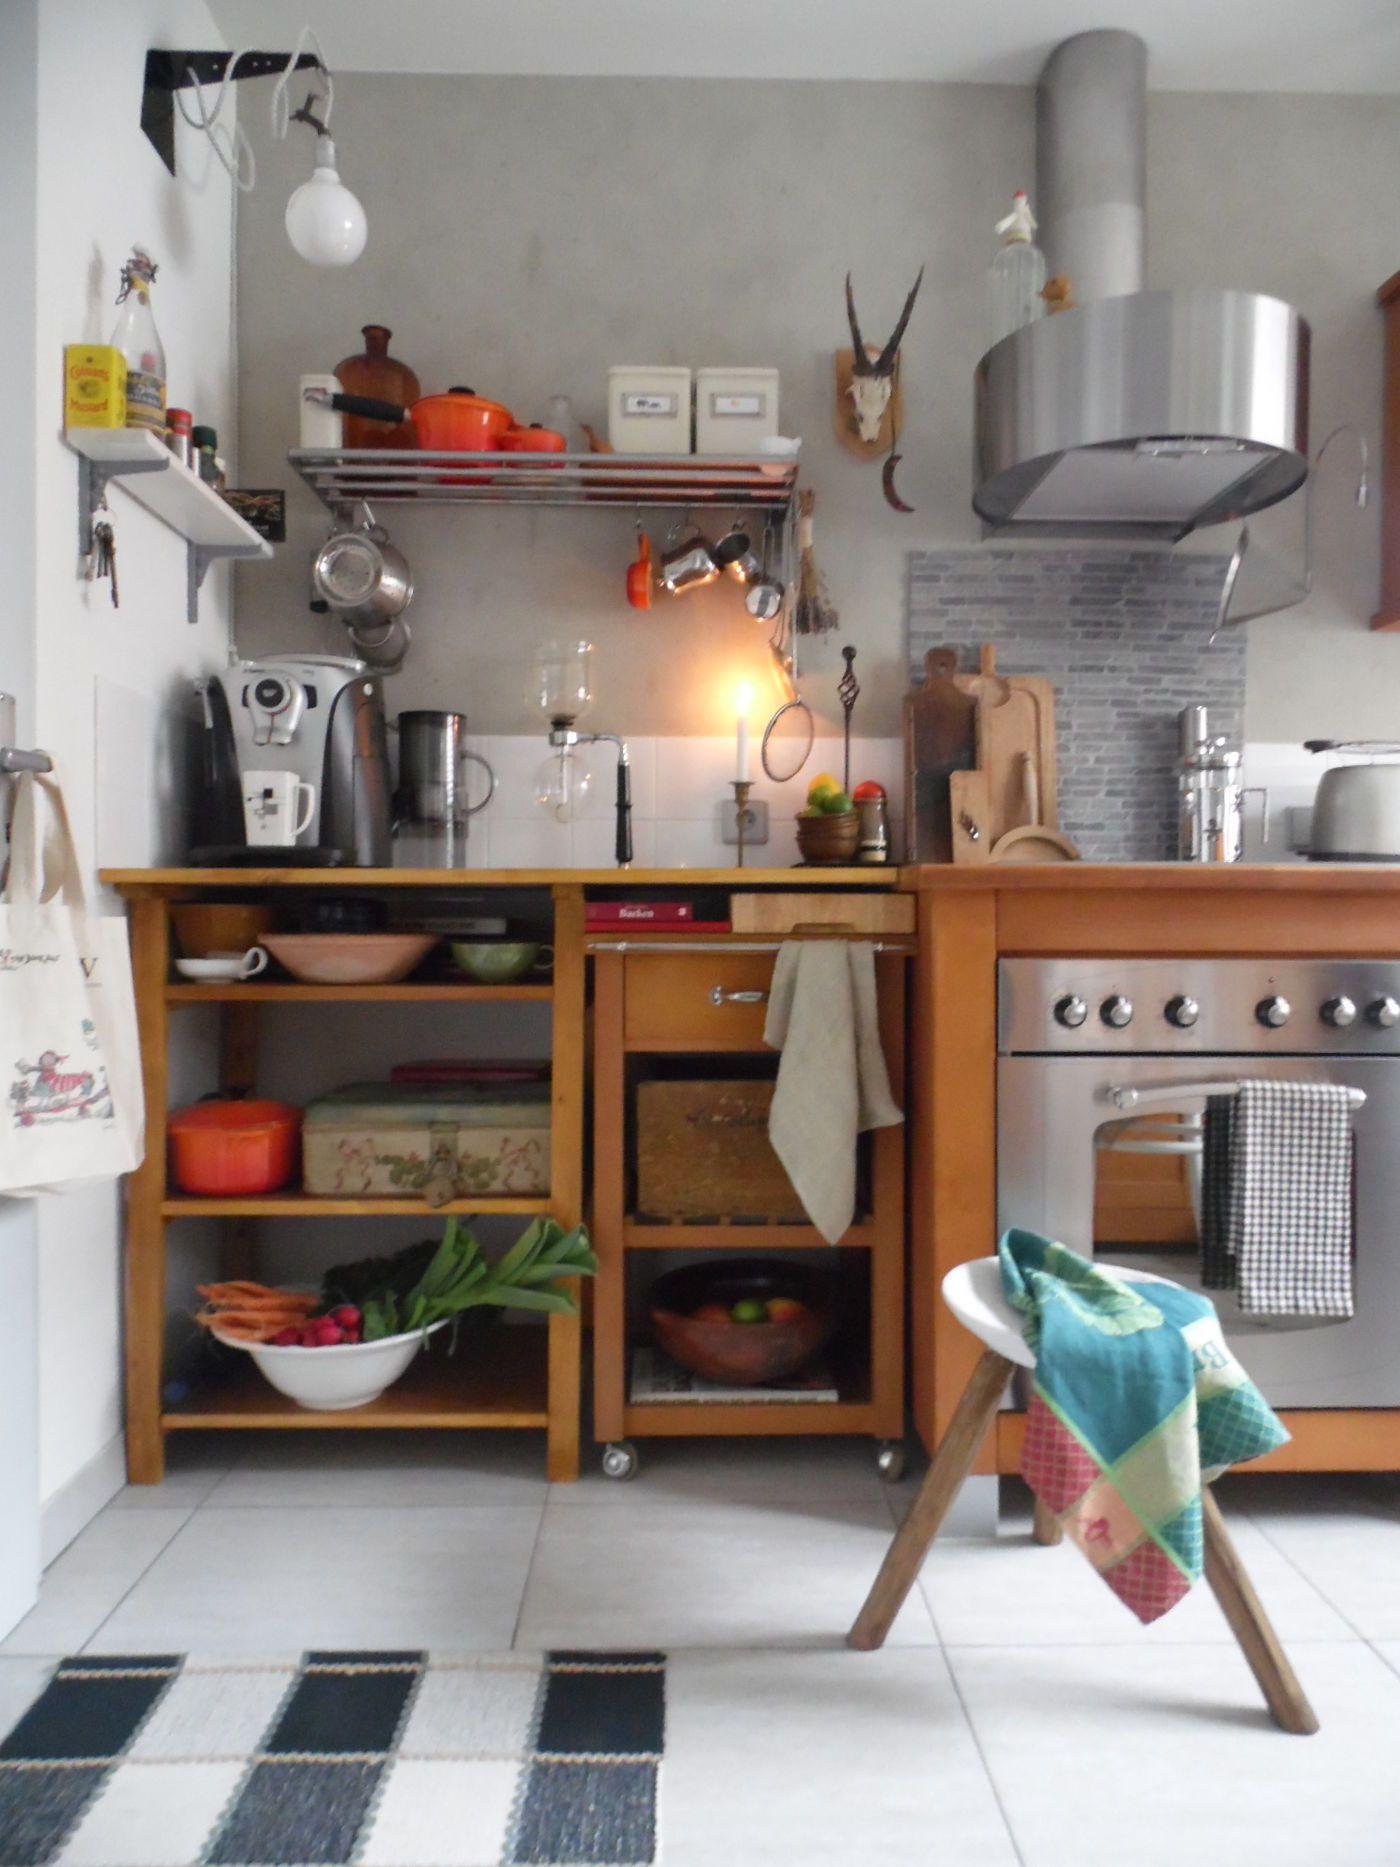 Full Size of Küchen Tapeten Abwaschbar Besten Ideen Fr Wandgestaltung In Der Kche Fototapeten Wohnzimmer Regal Schlafzimmer Für Küche Die Wohnzimmer Küchen Tapeten Abwaschbar